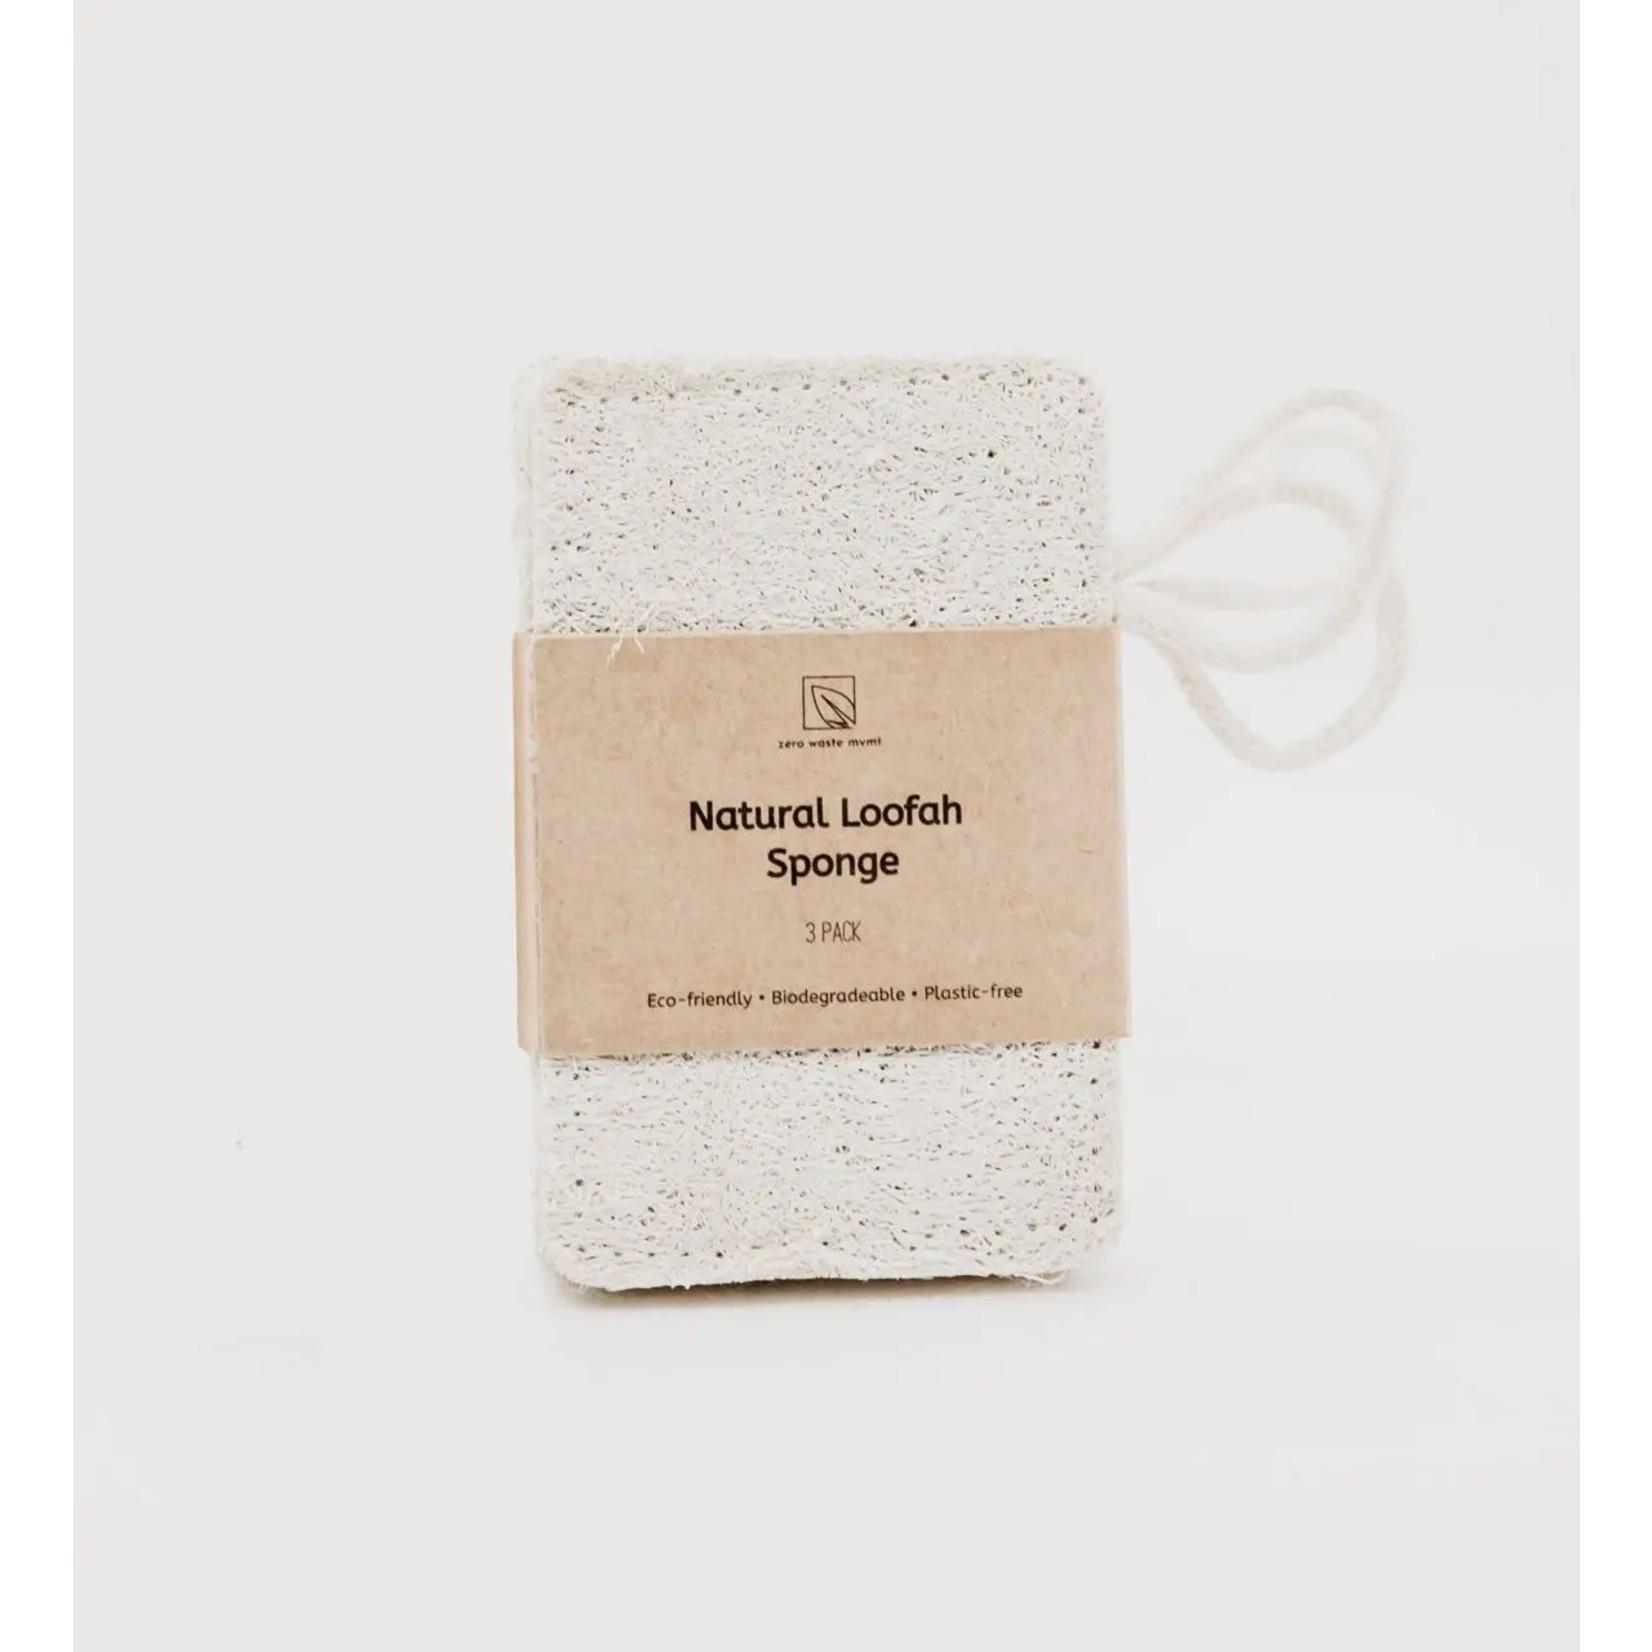 Natural Loofah Sponge 3 Pack